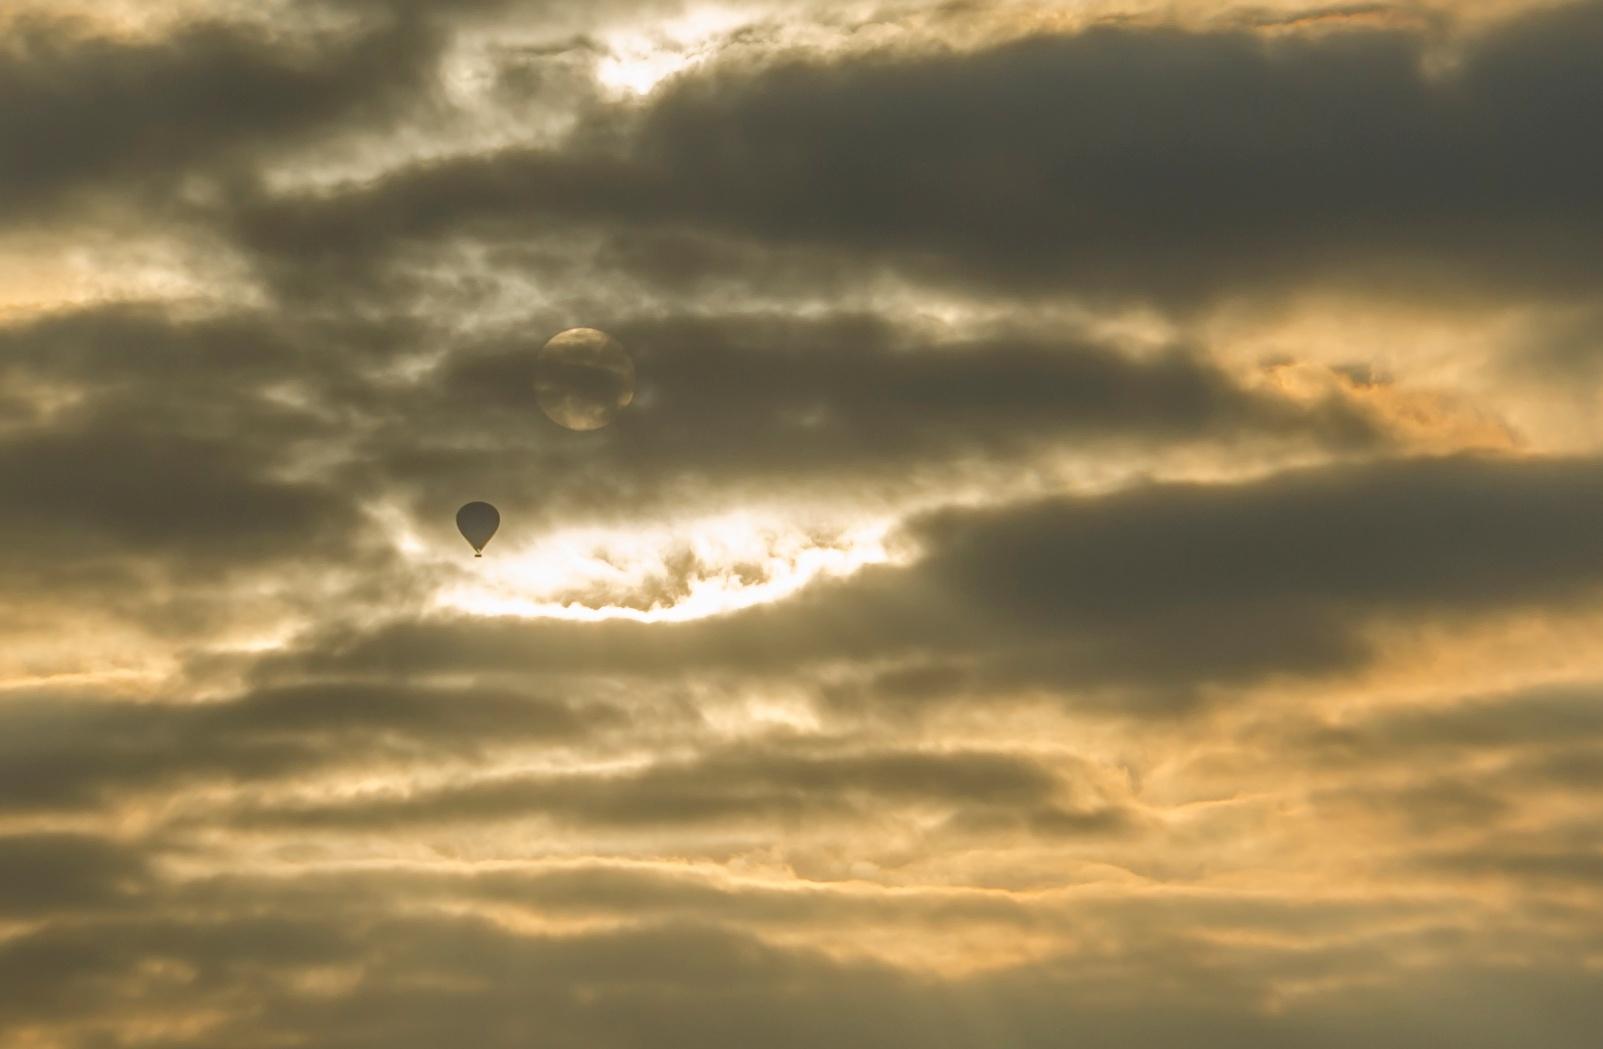 Hot air balloon. by DAS